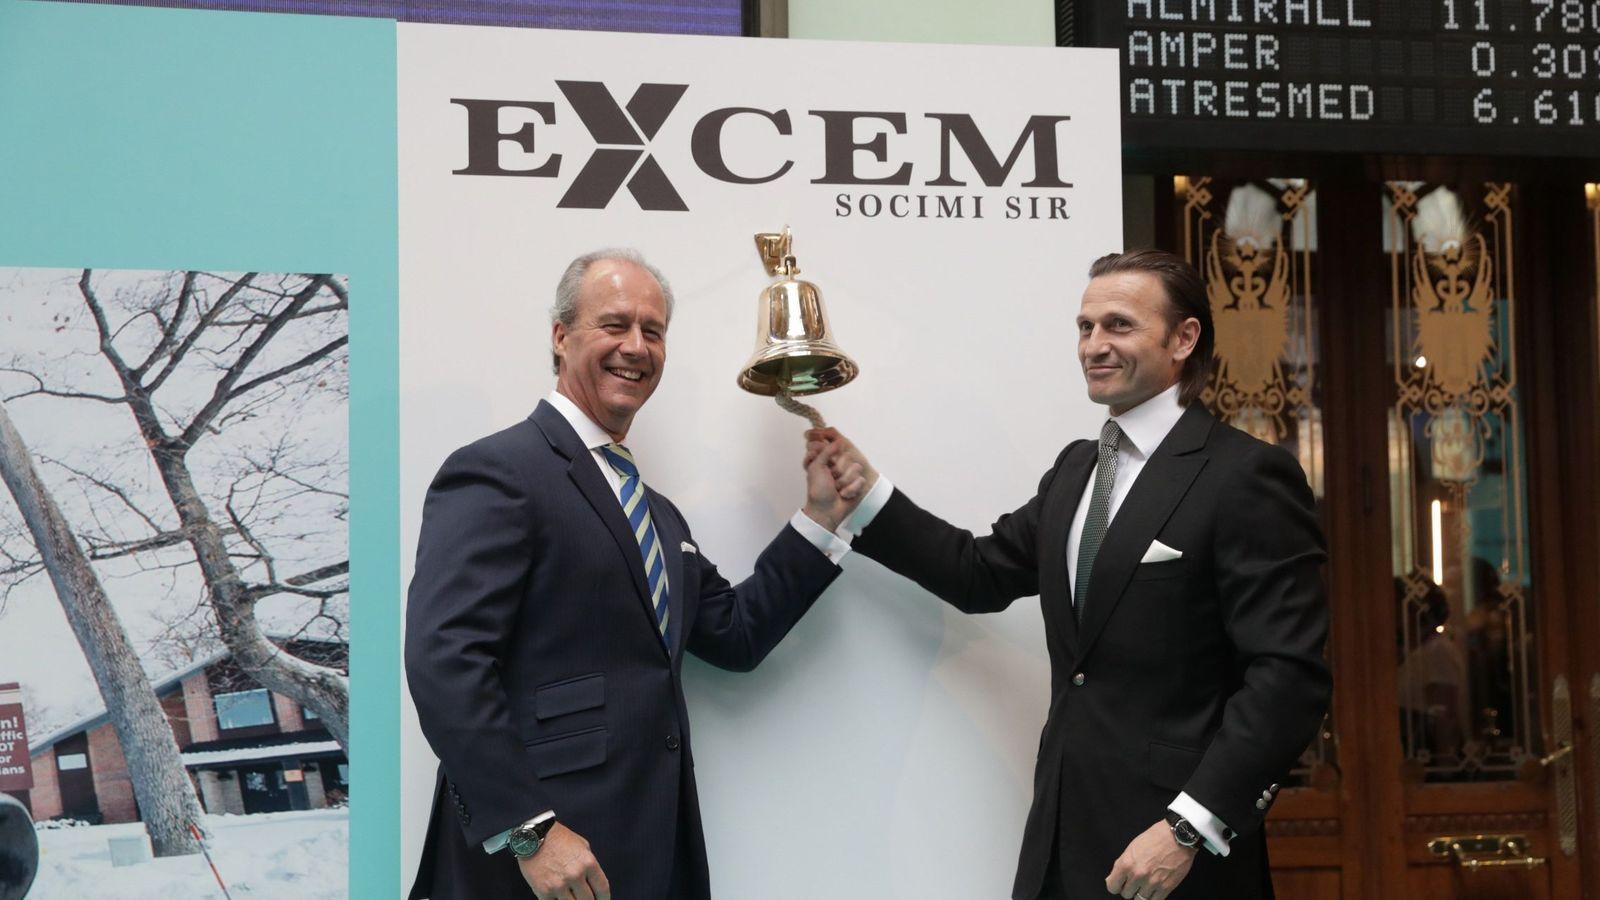 Foto: El presidente de la compañía Excem Socimi SIR, David Hatchwell (d), y el consejero delegado, Antonio Monchón, durante el toque de campana Excem Socimi SIR. (EFE)